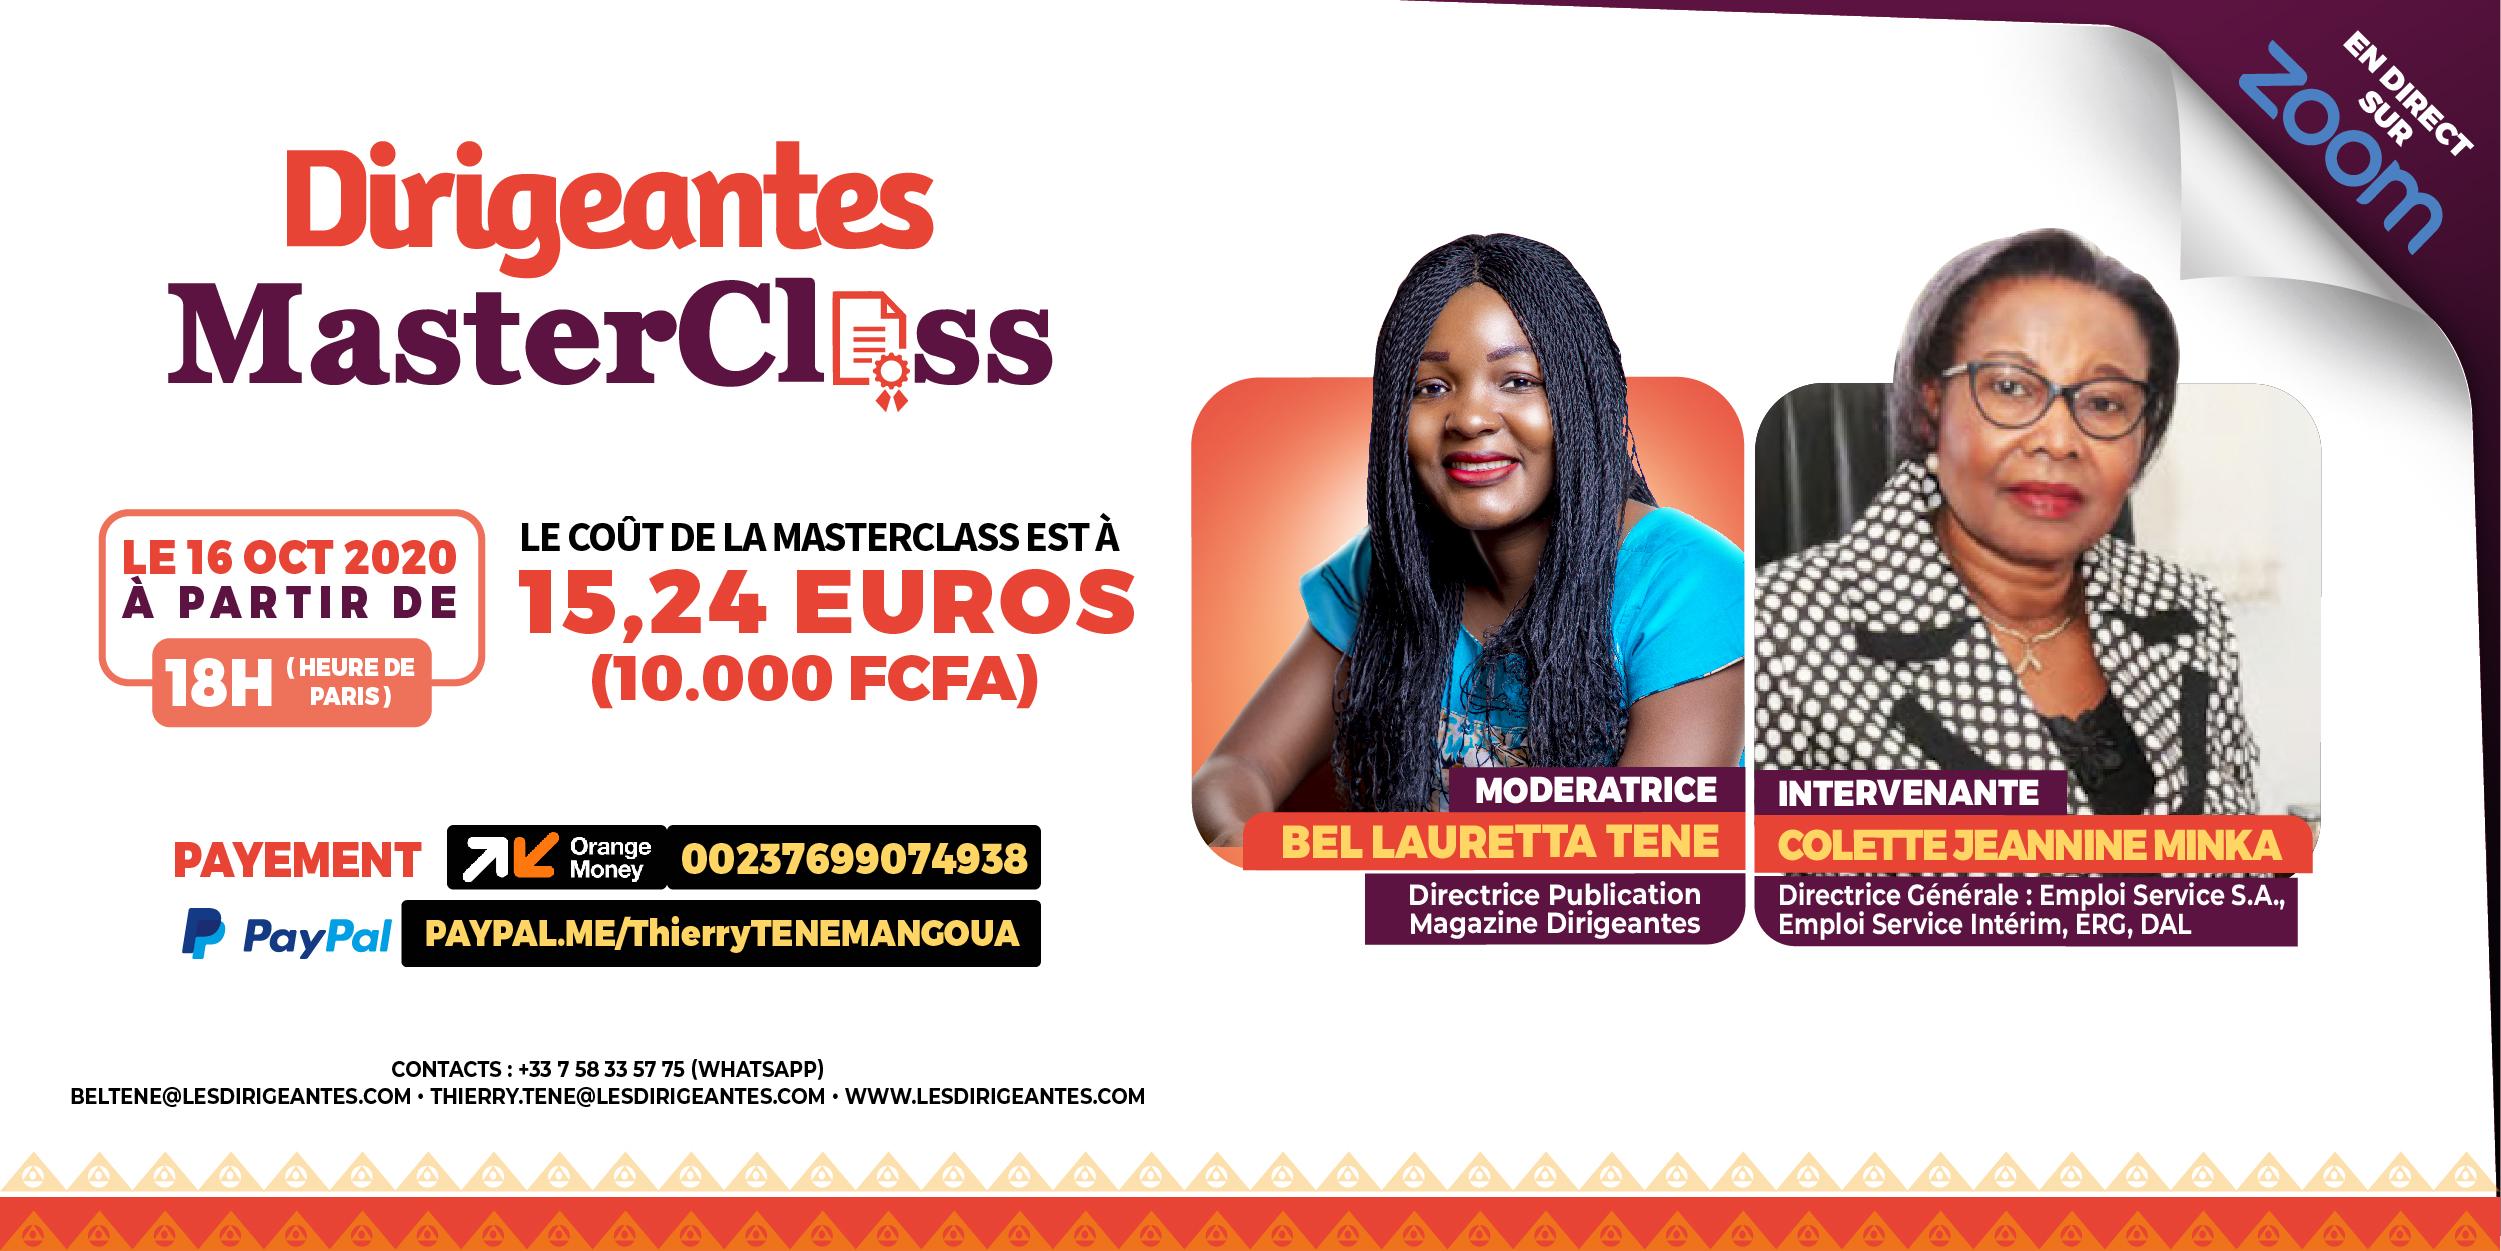 Colette Jeannine MINKA, la dirigeante visionnaire qui a monté une multinationale avec les compétences africaines